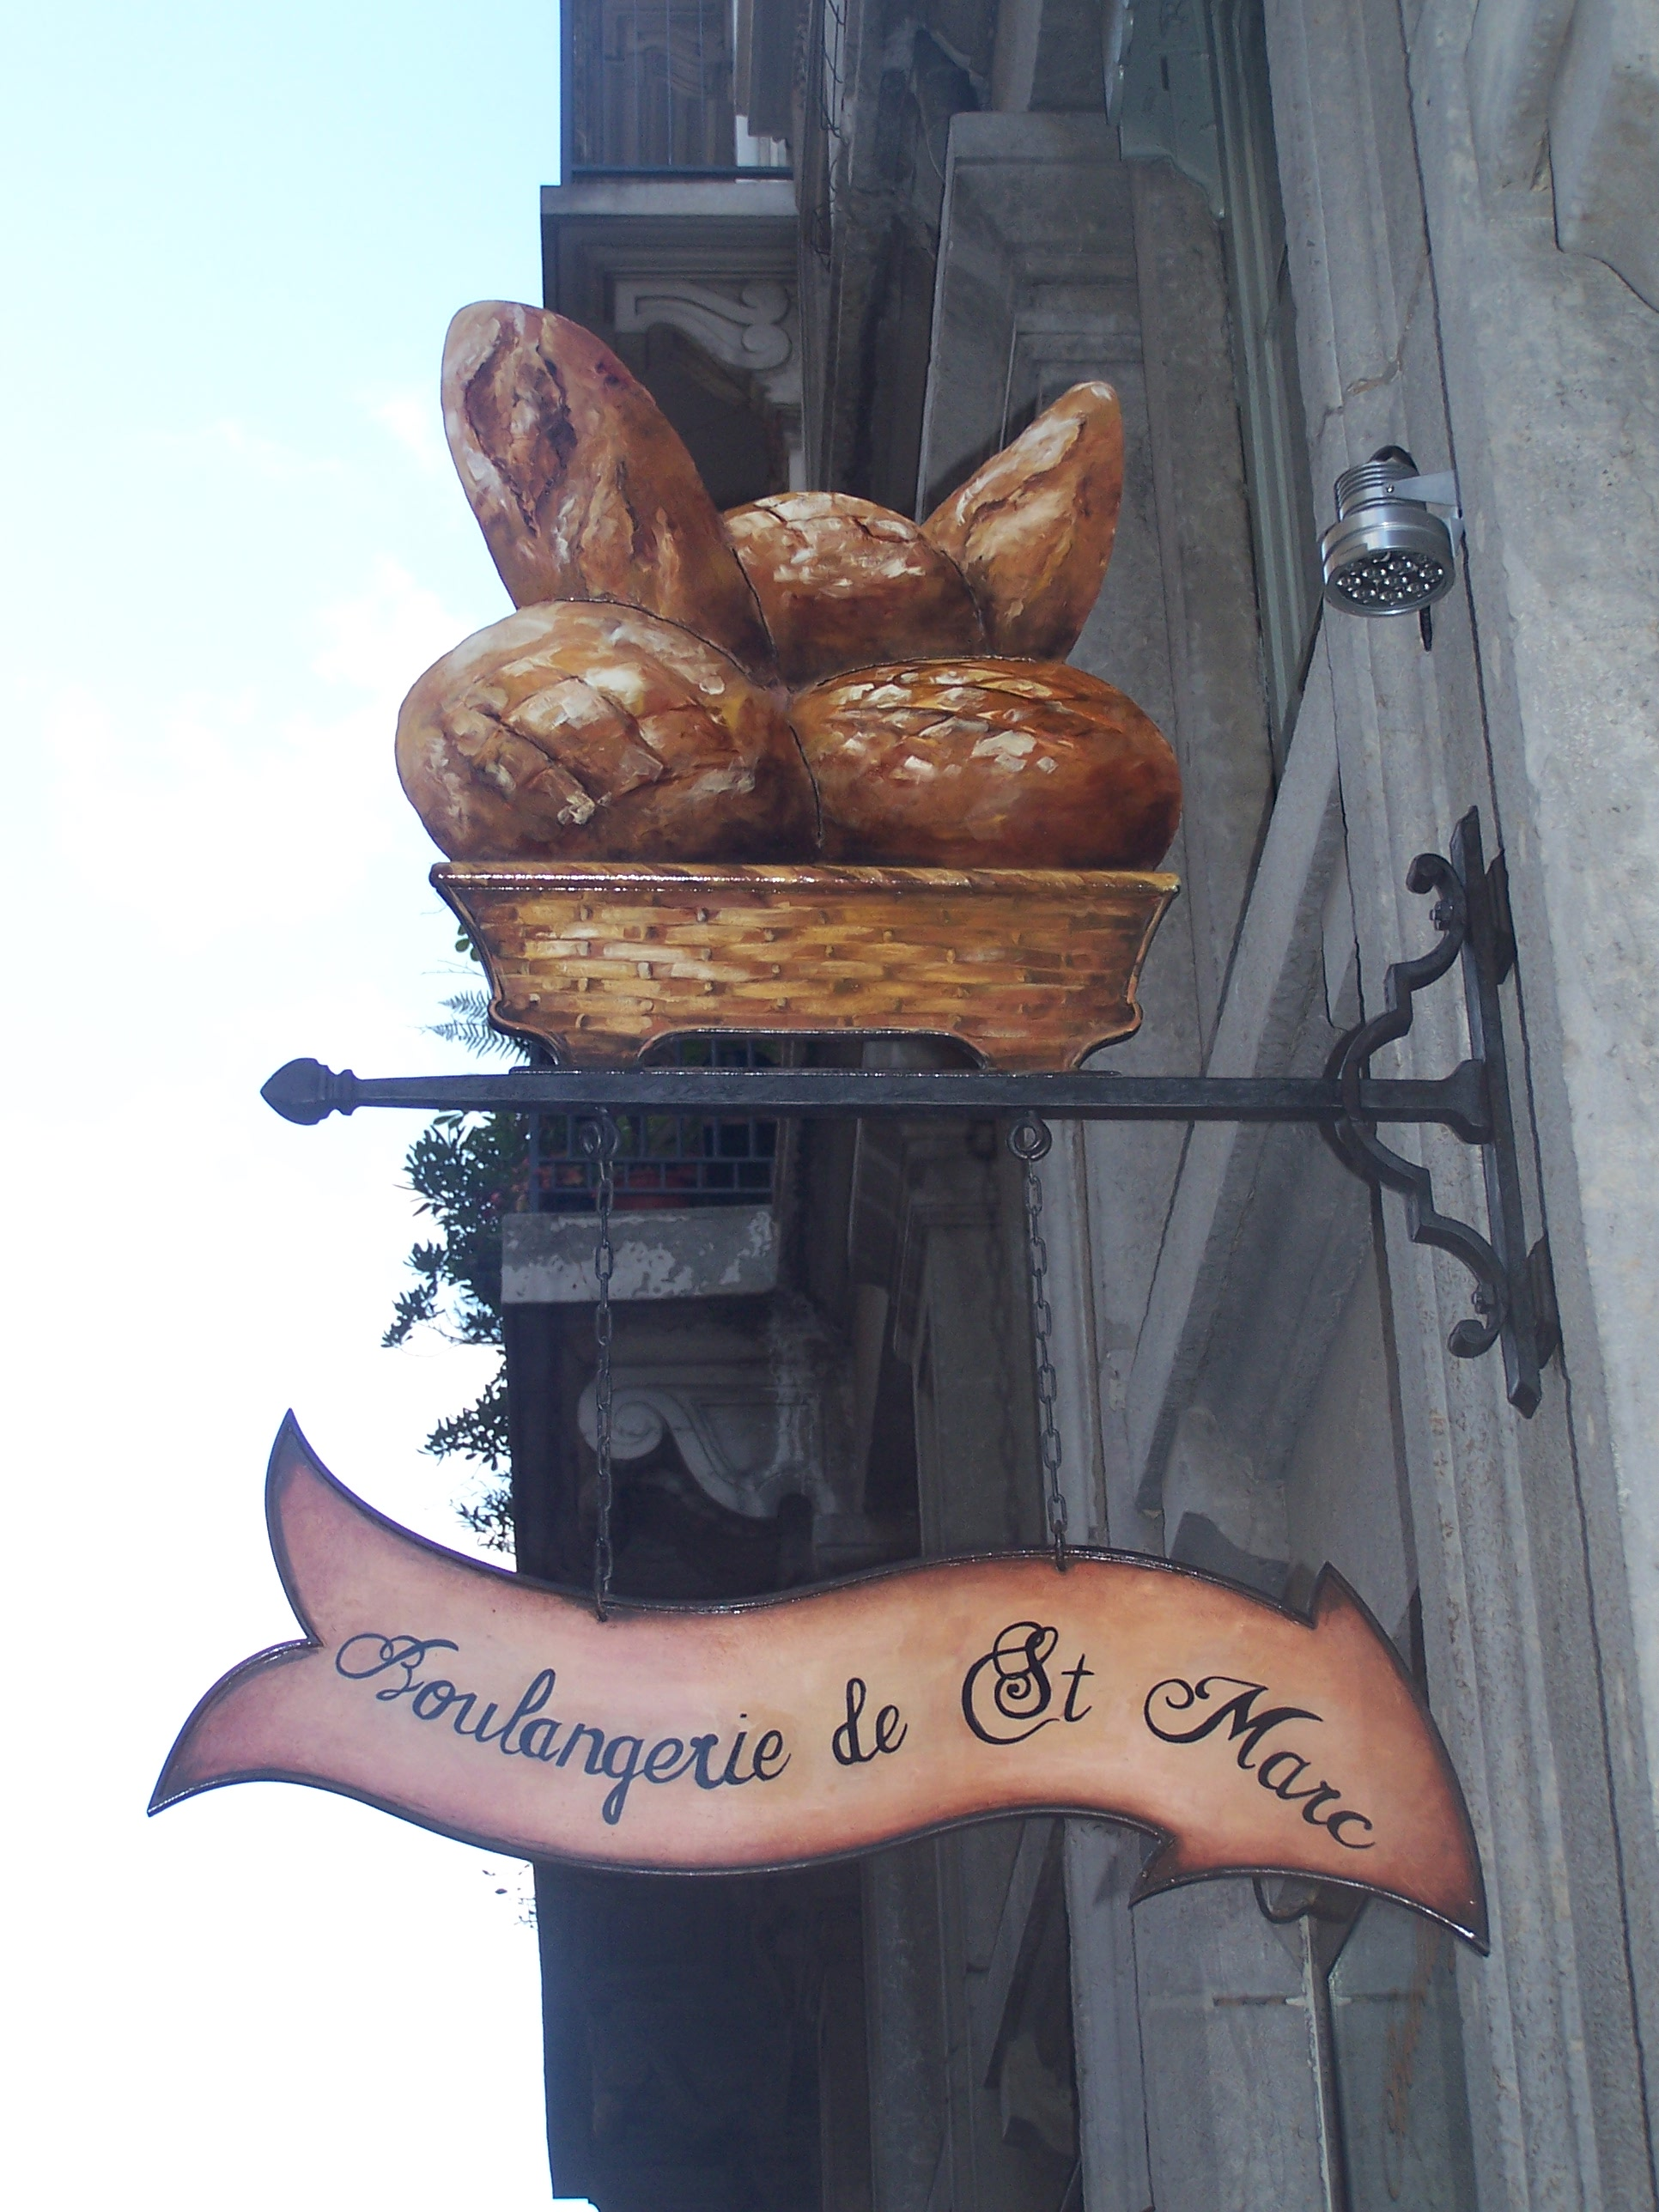 Enseignes de boulangerie